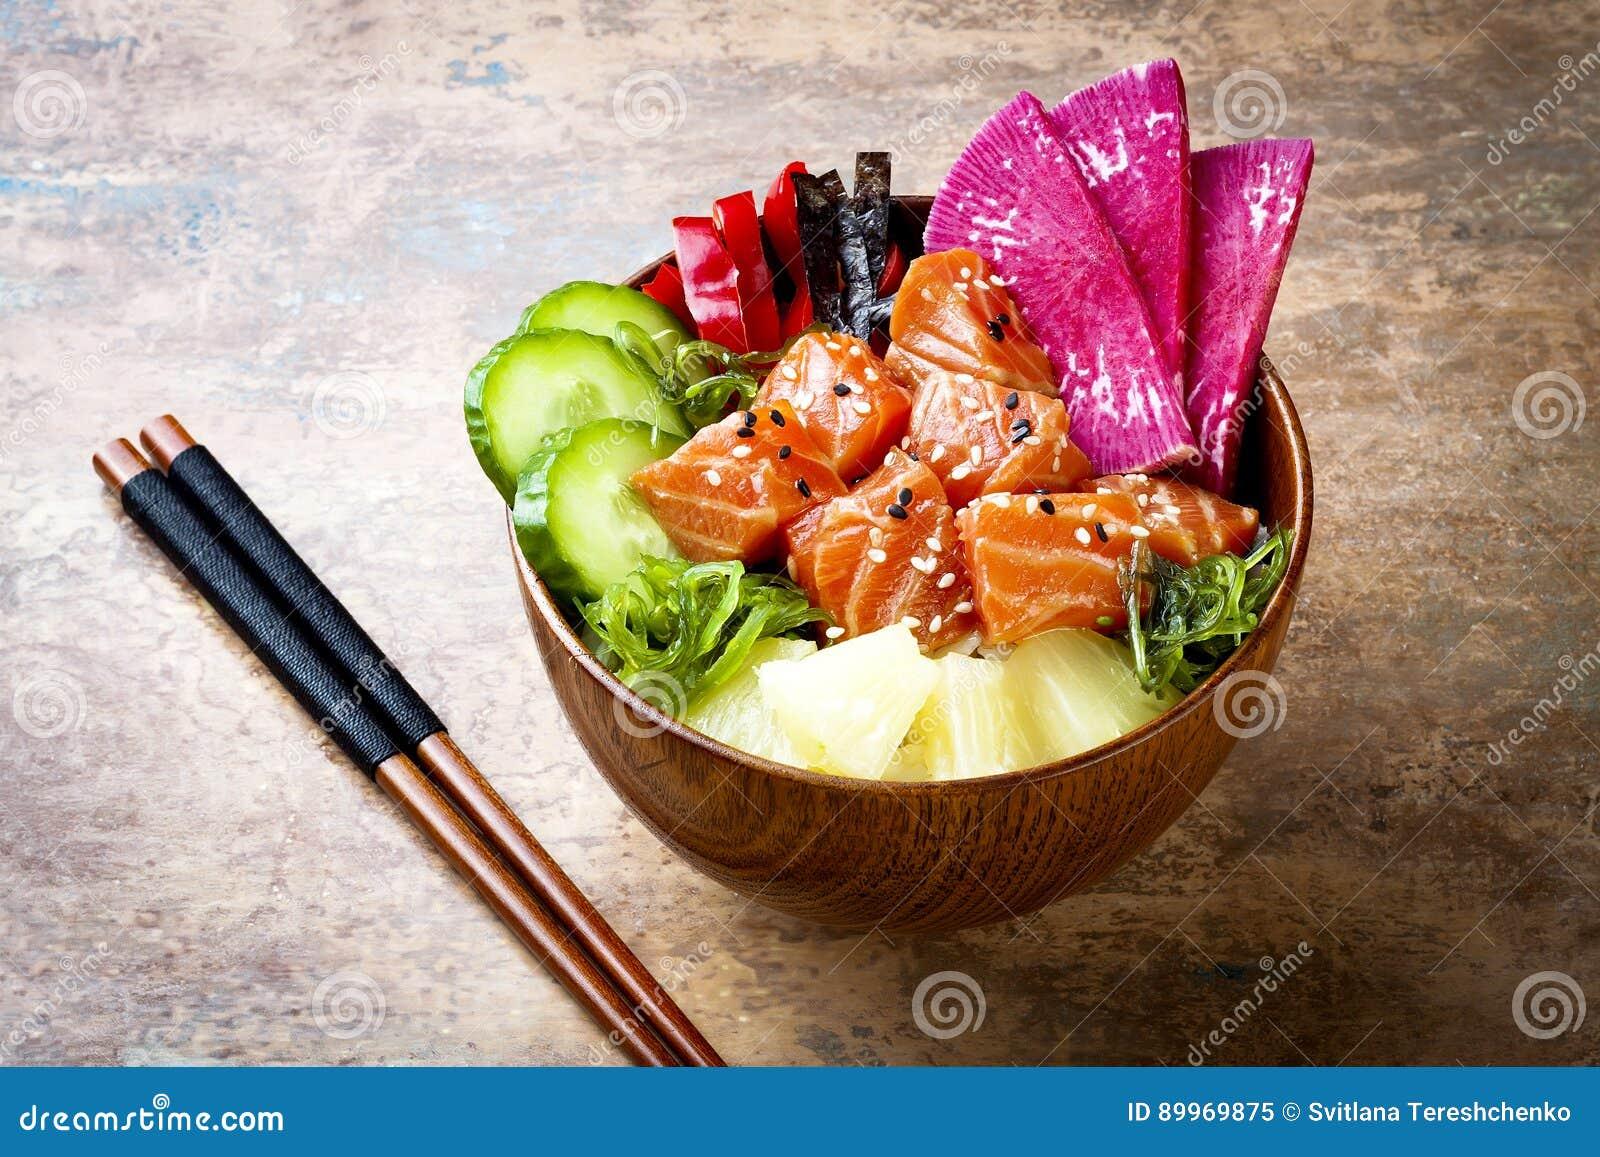 Los salmones hawaianos empujan el cuenco con las semillas de la alga marina, del rábano de la sandía, del pepino, de la piña y de